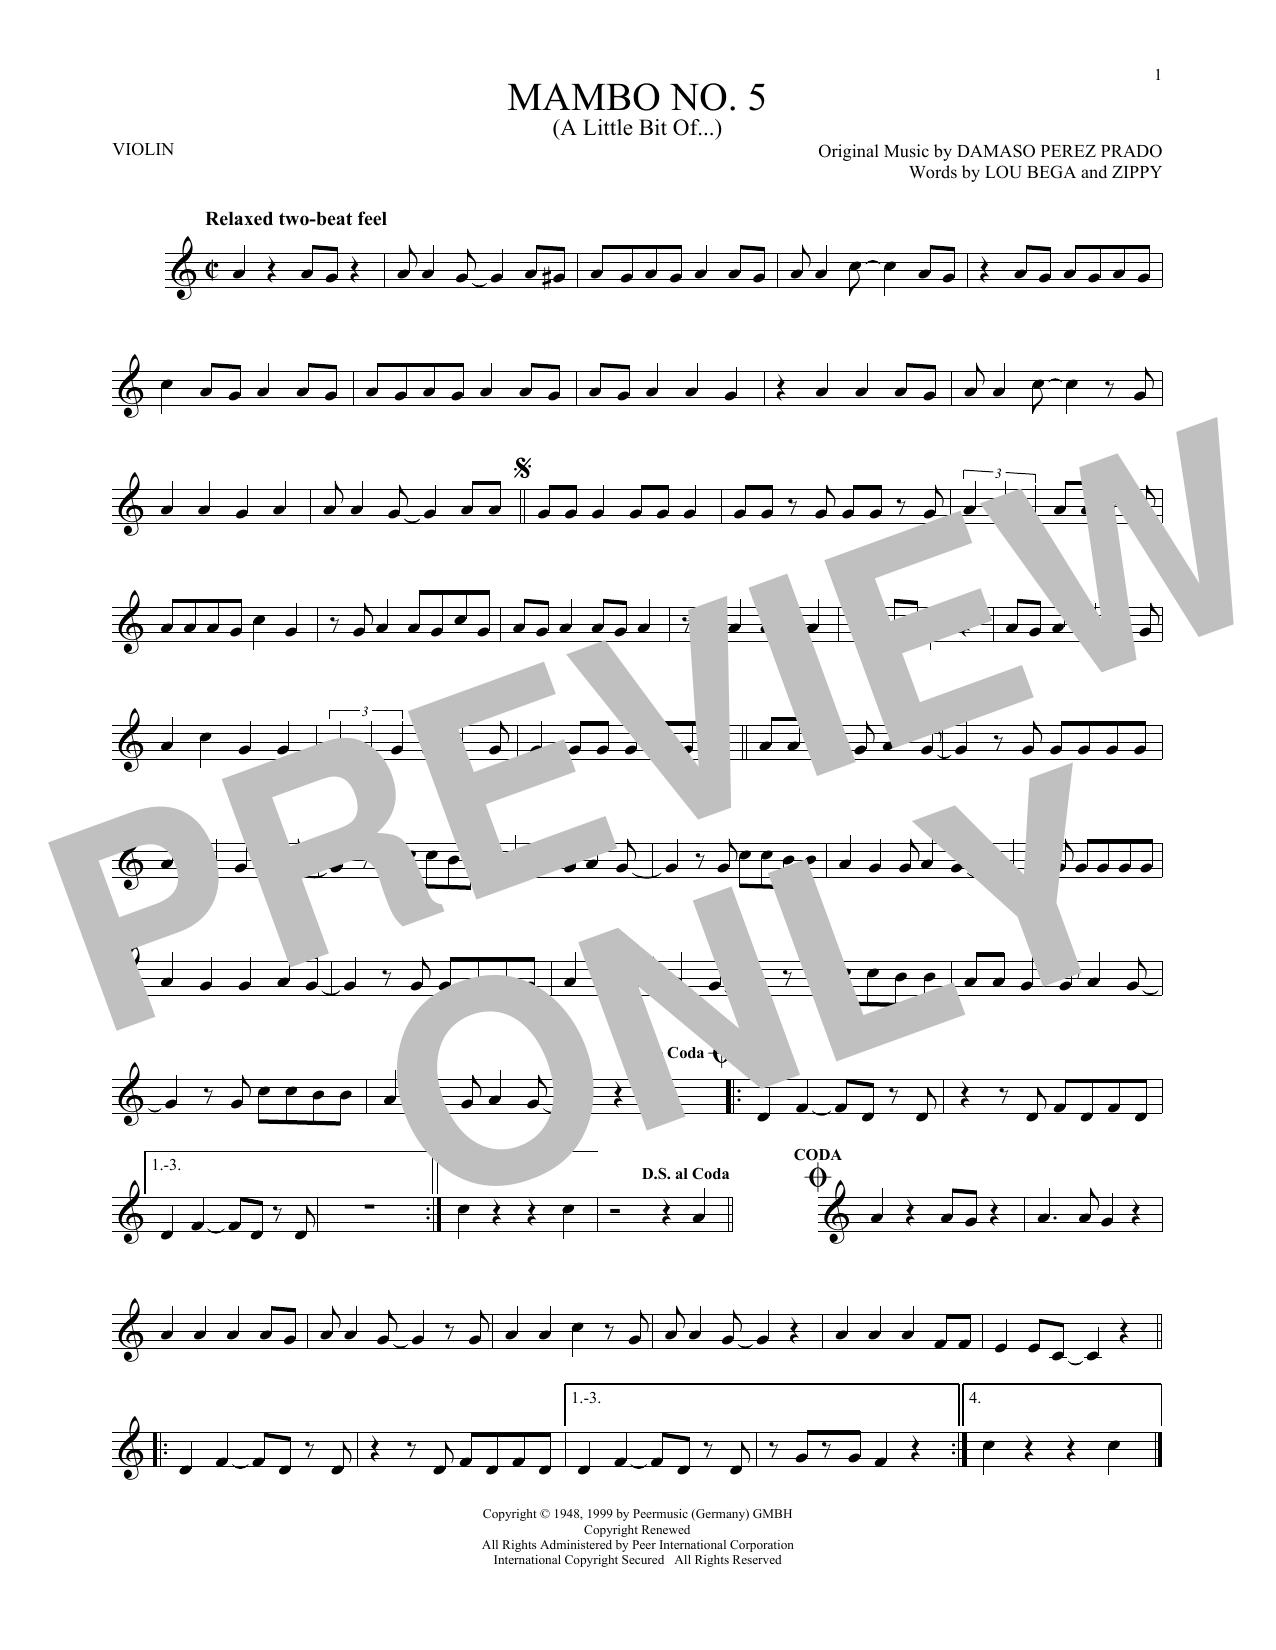 Mambo No. 5 (A Little Bit Of...) (Violin Solo)